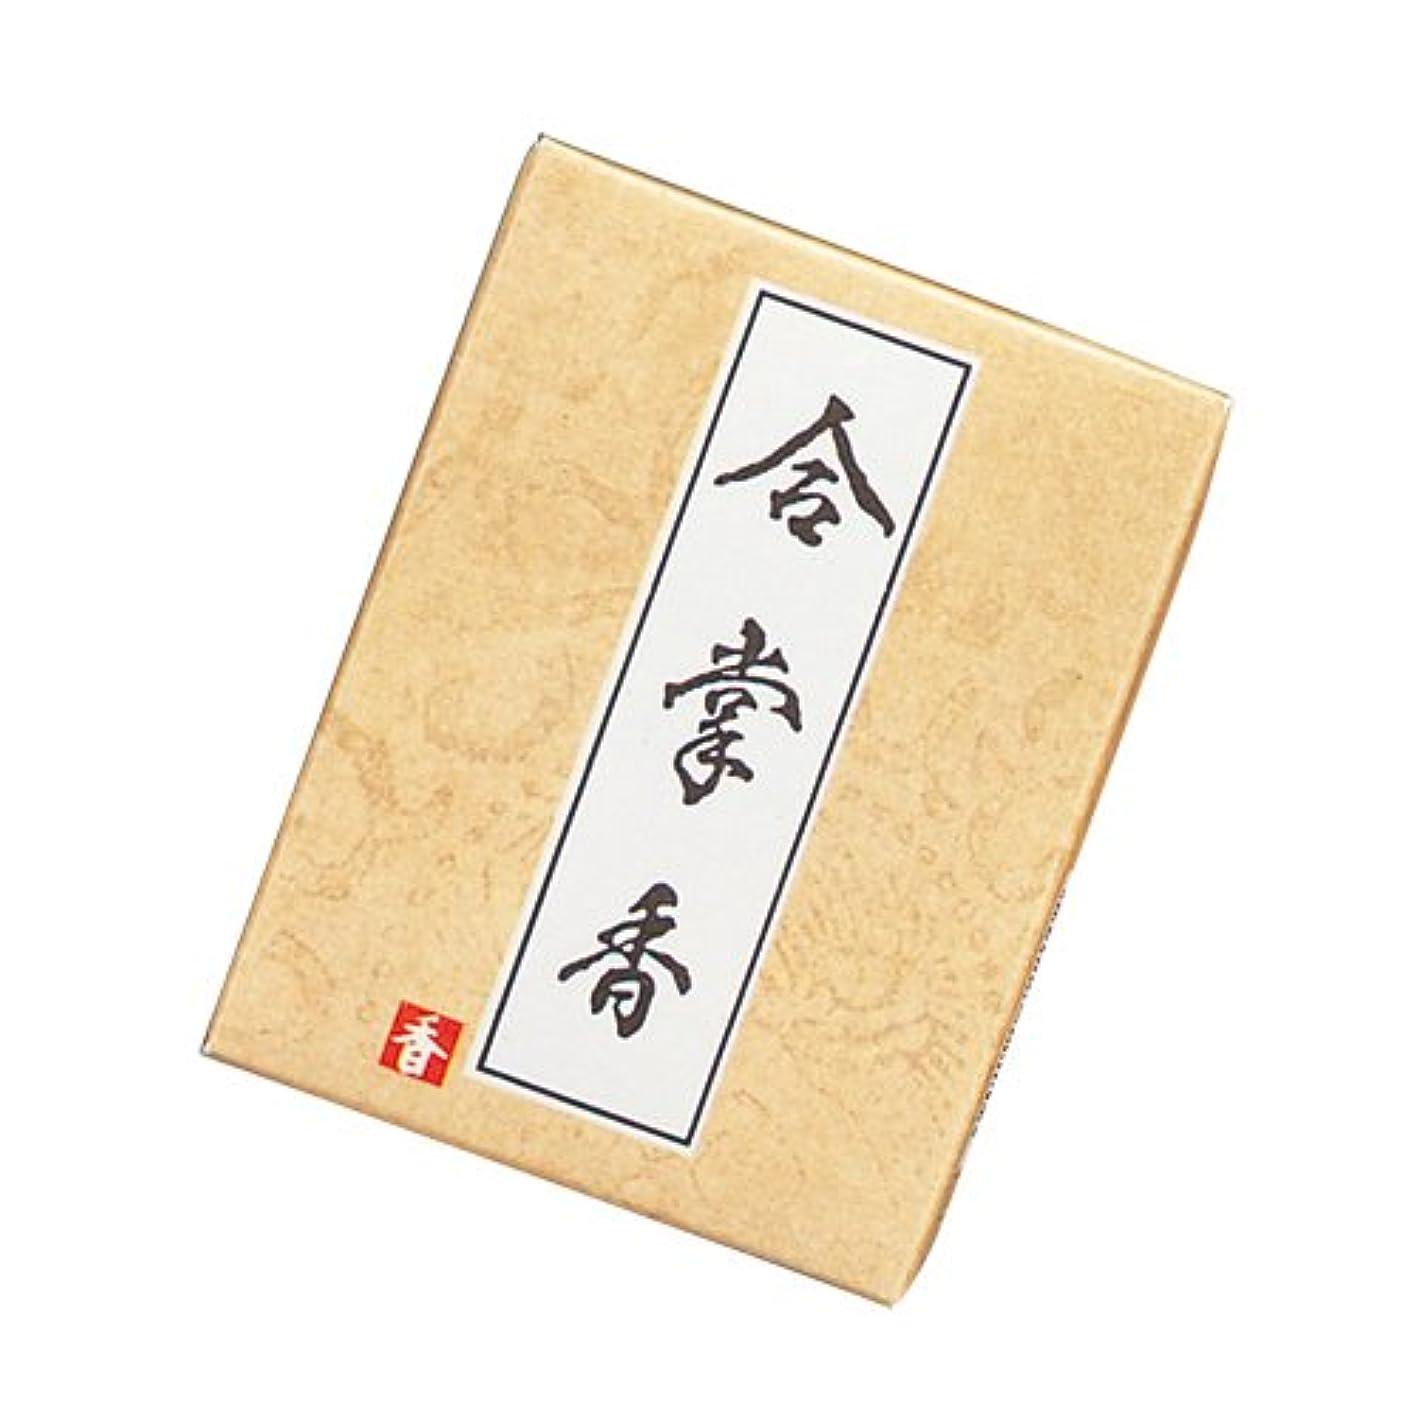 トーナメント局暗記する合掌香 紙箱 30g入